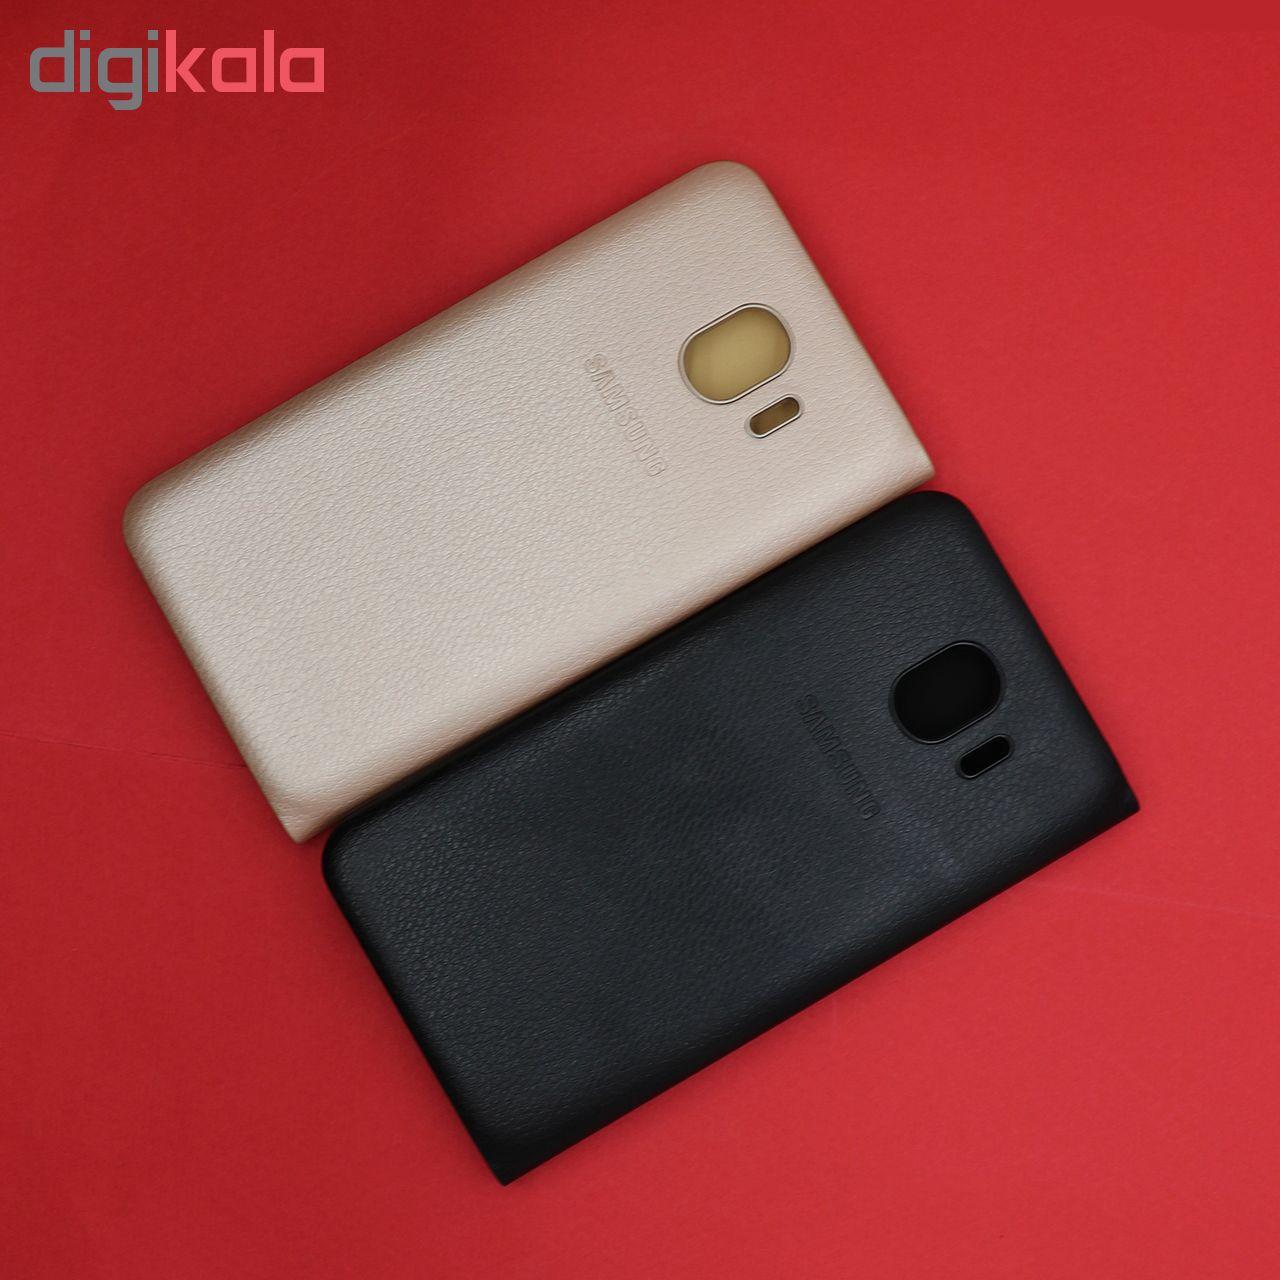 کیف کلاسوری مدل Fw-001 مناسب برای گوشی موبایل سامسونگ Galaxy J4 2018 main 1 1